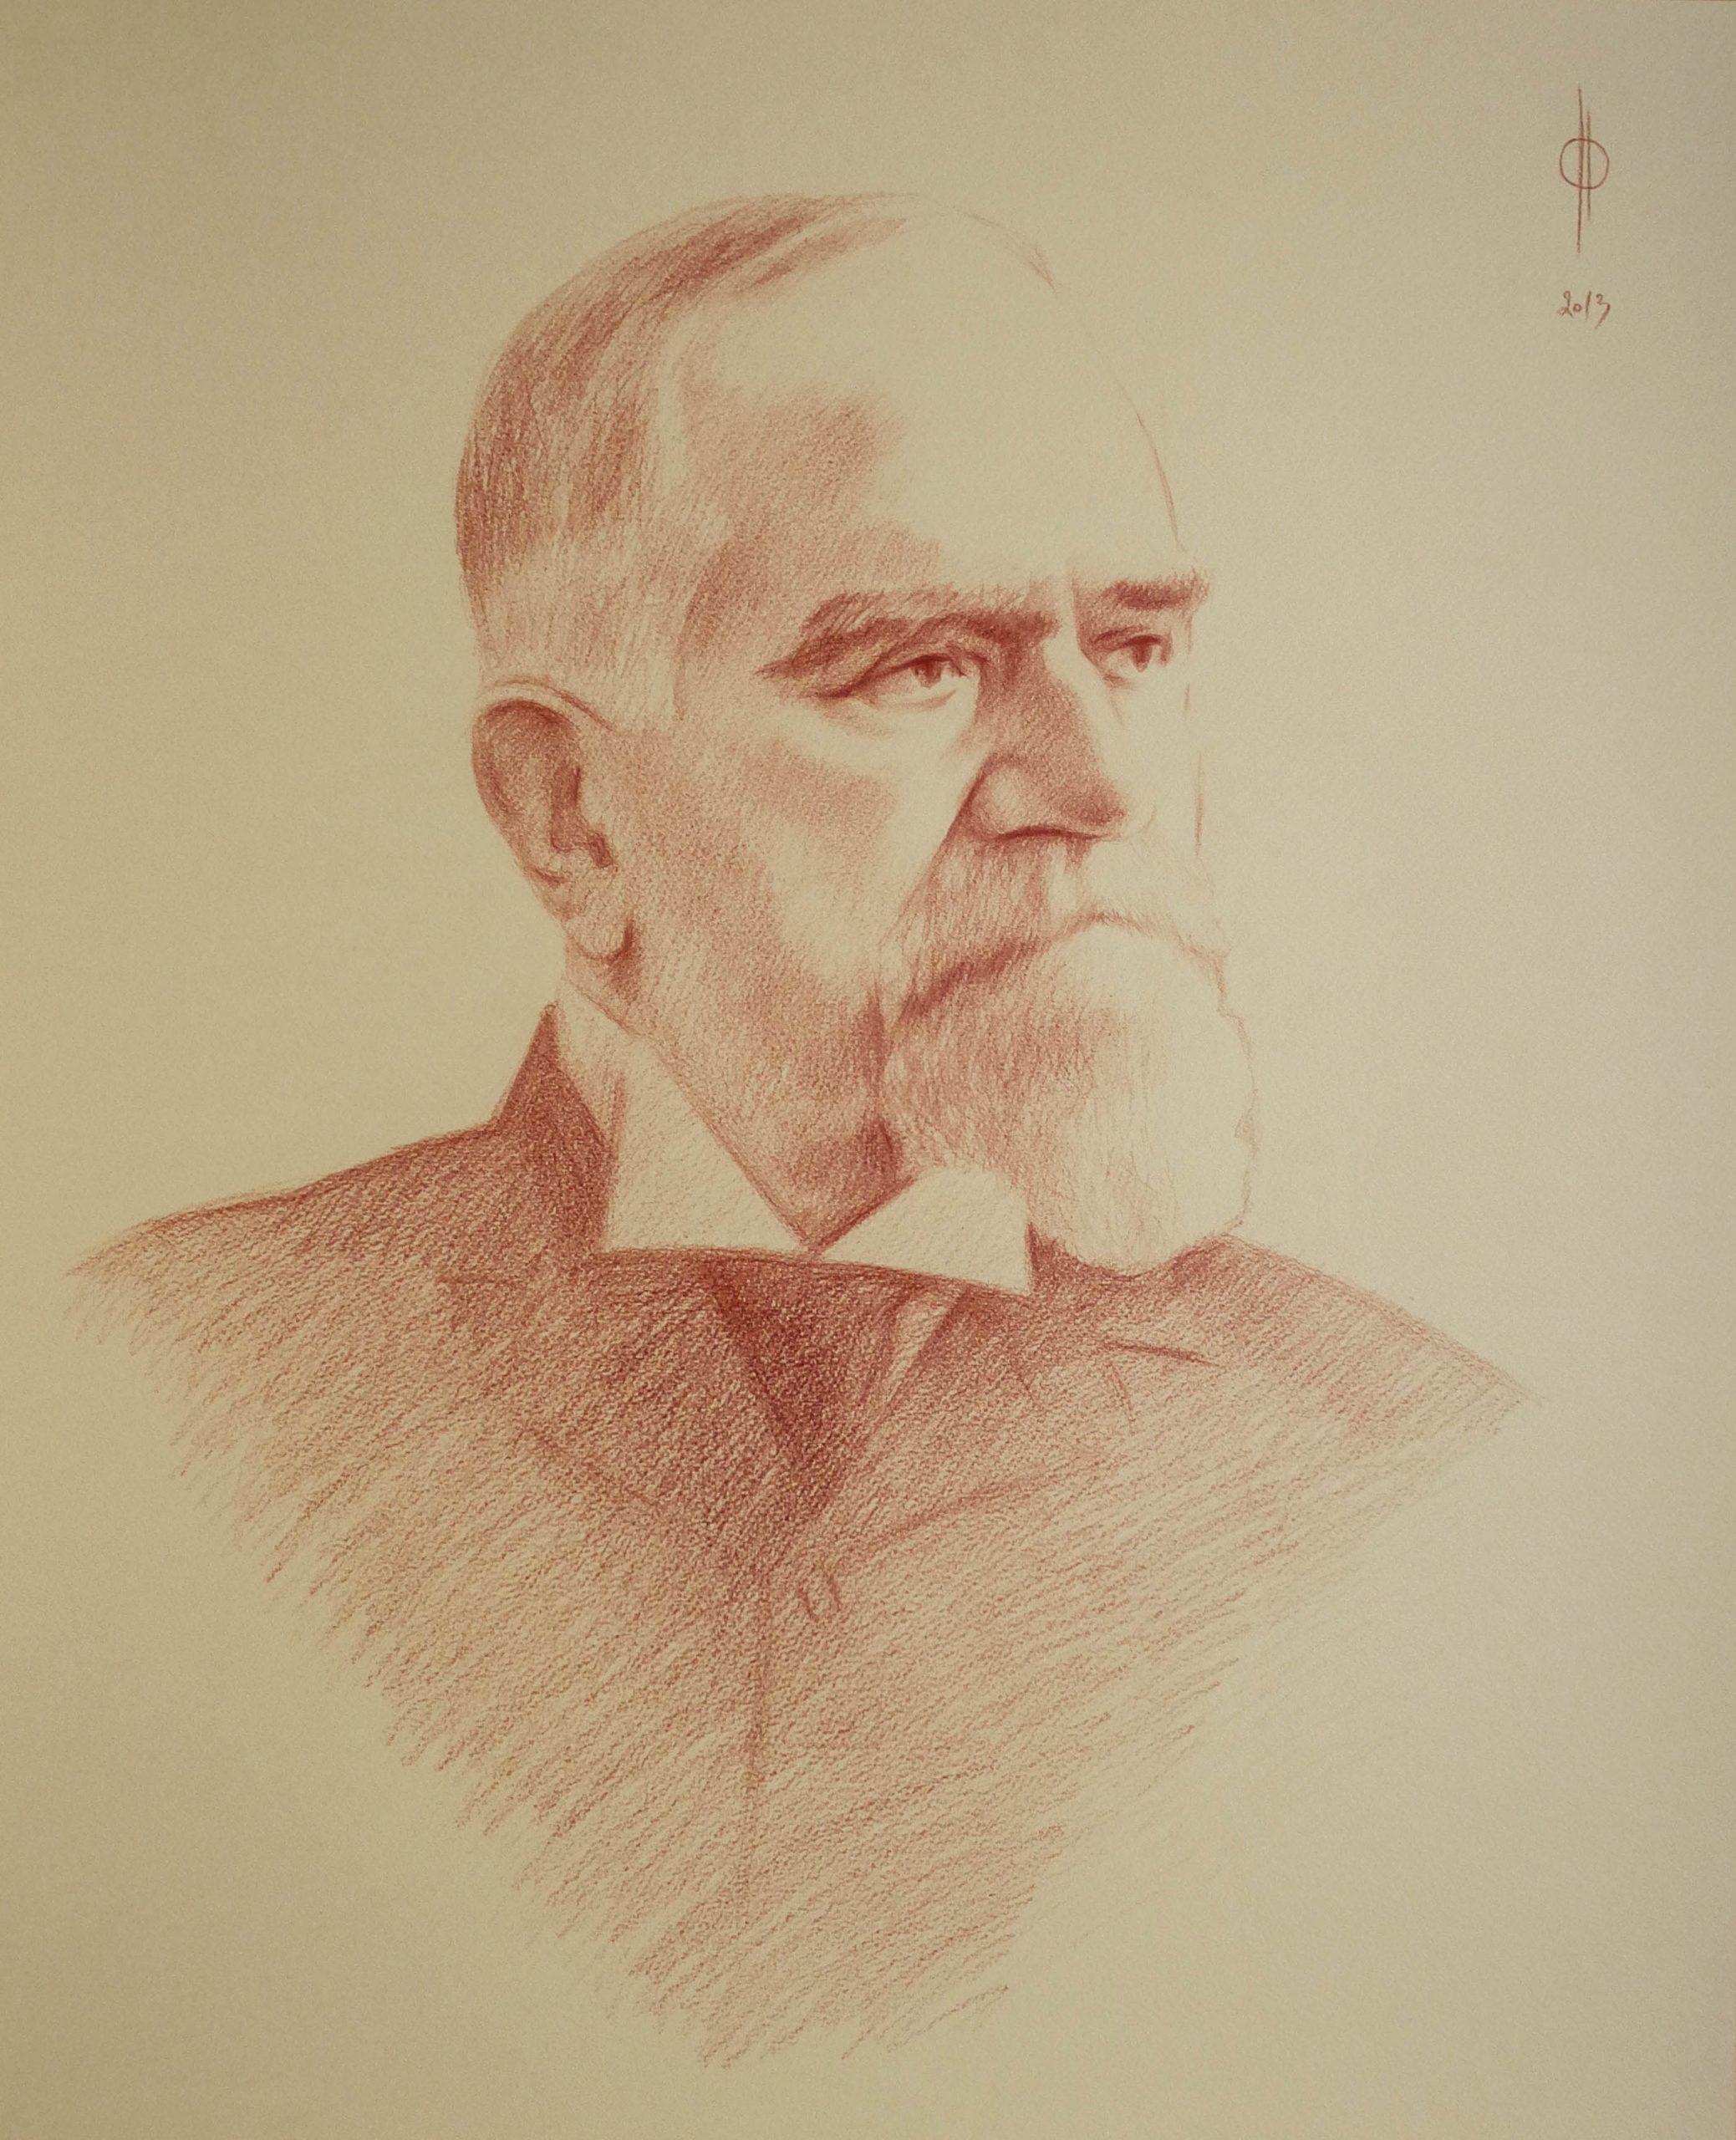 5. Titu Maiorescu